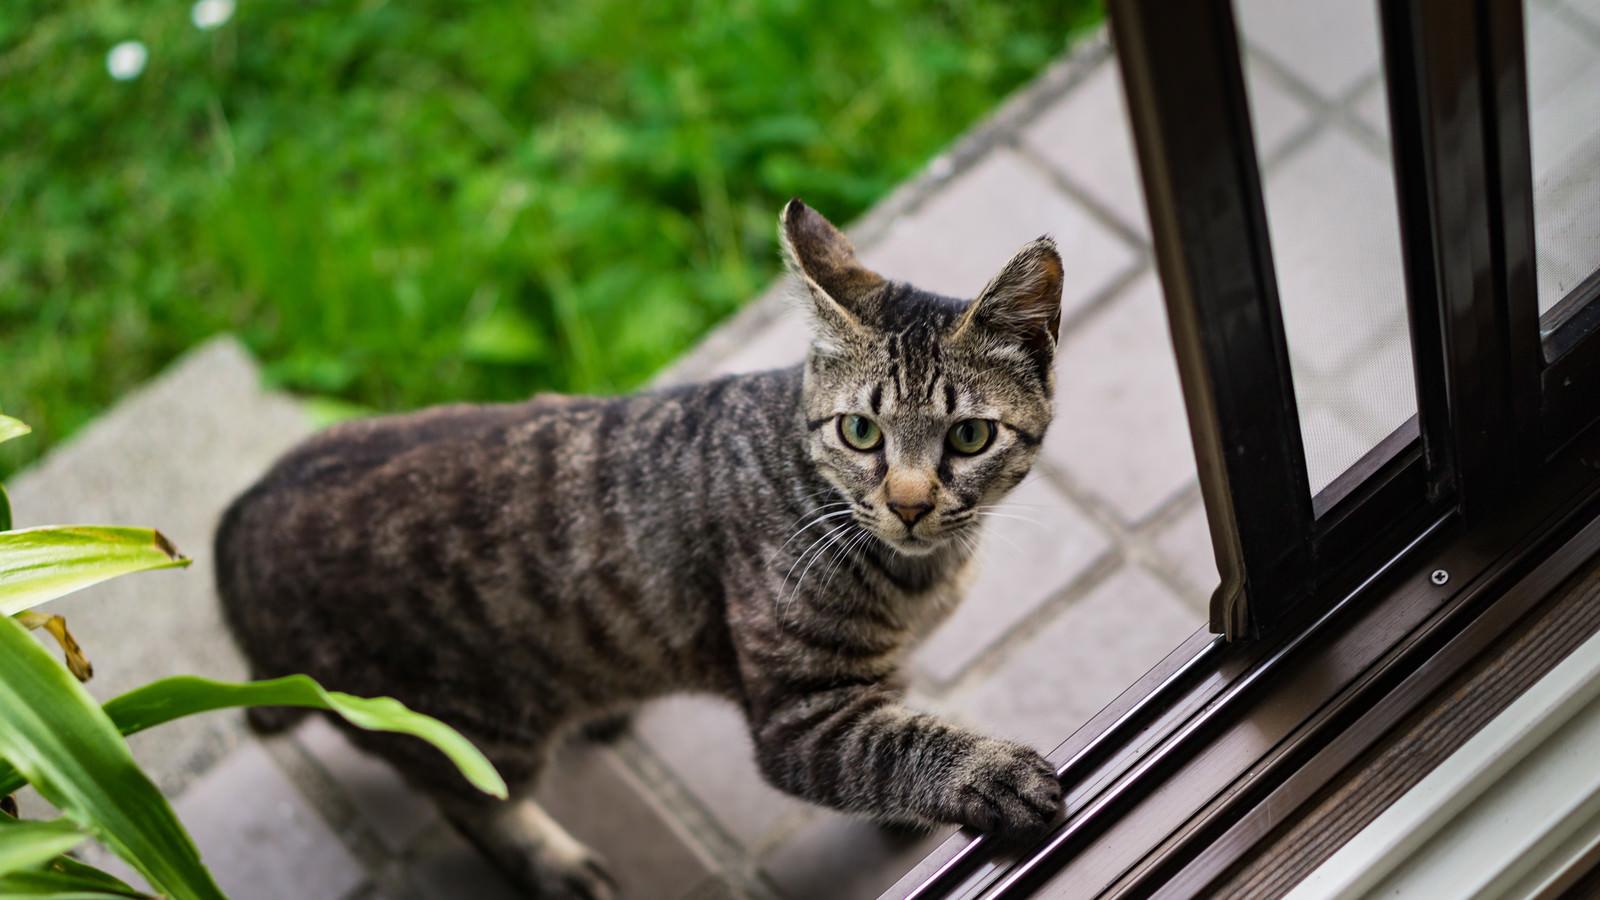 「恐る恐る家の中に入ろうとする猫」の写真